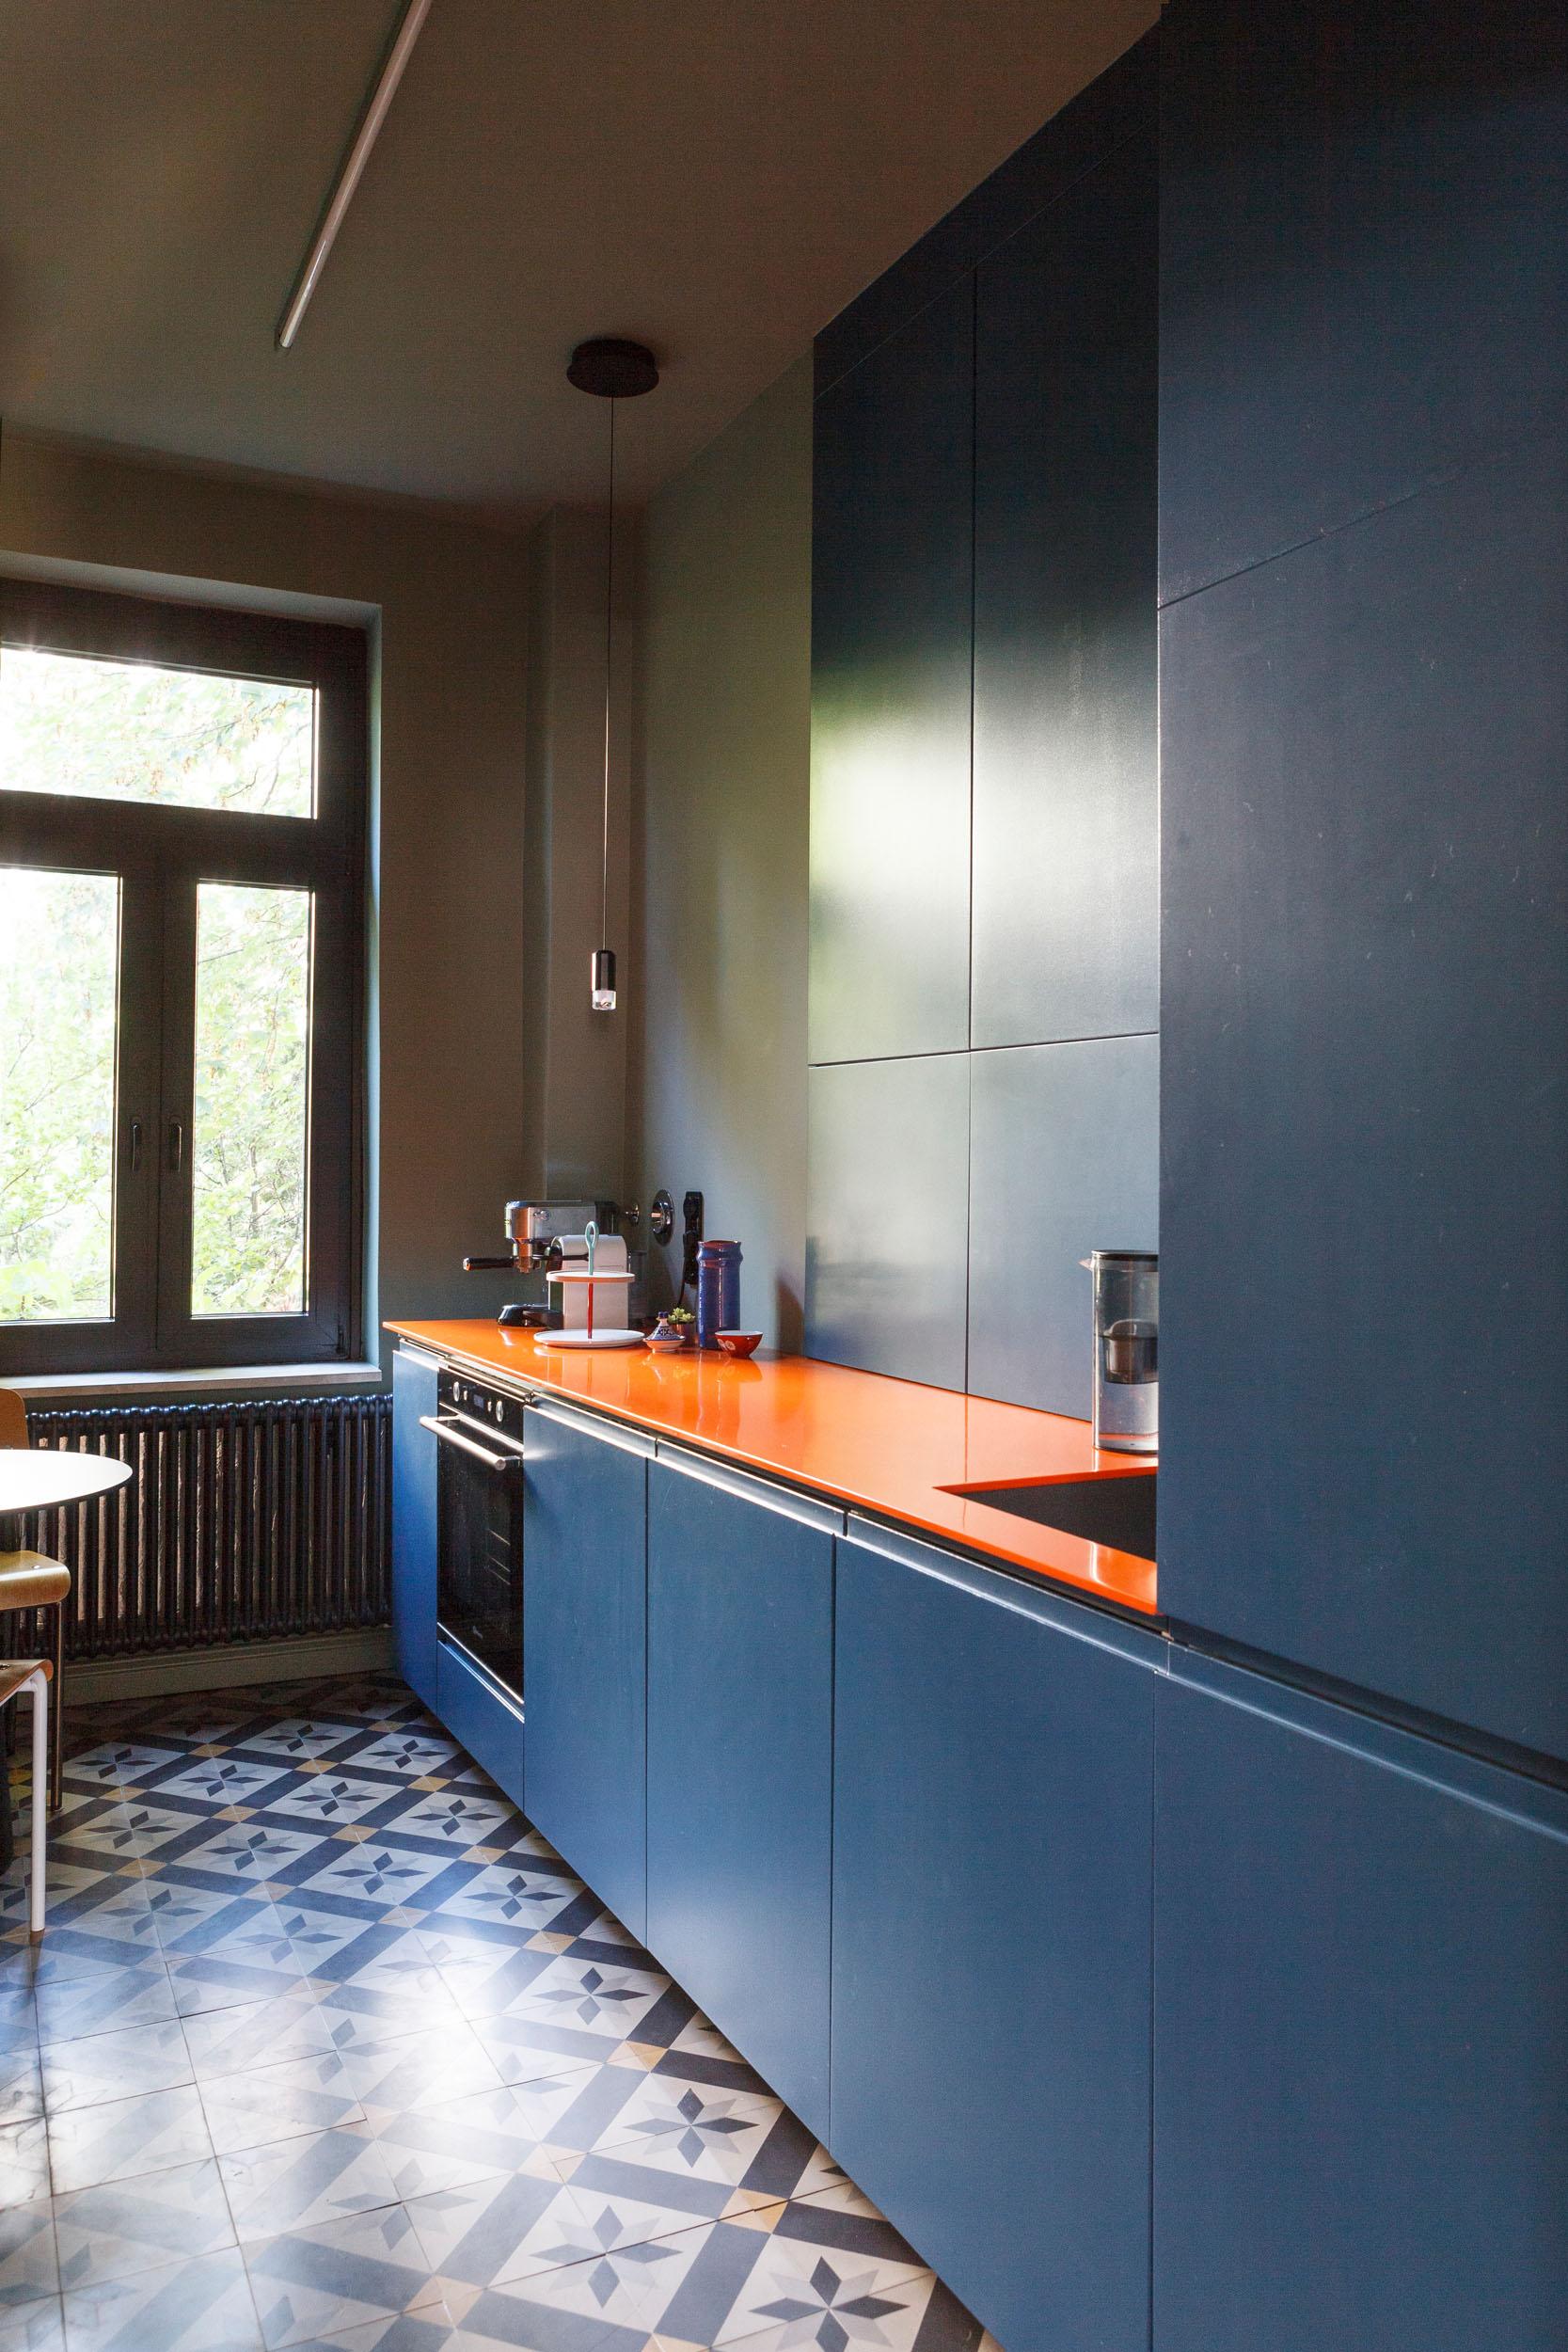 Kitchen-HP-STUDIOOINK-72DPI-9760.jpg